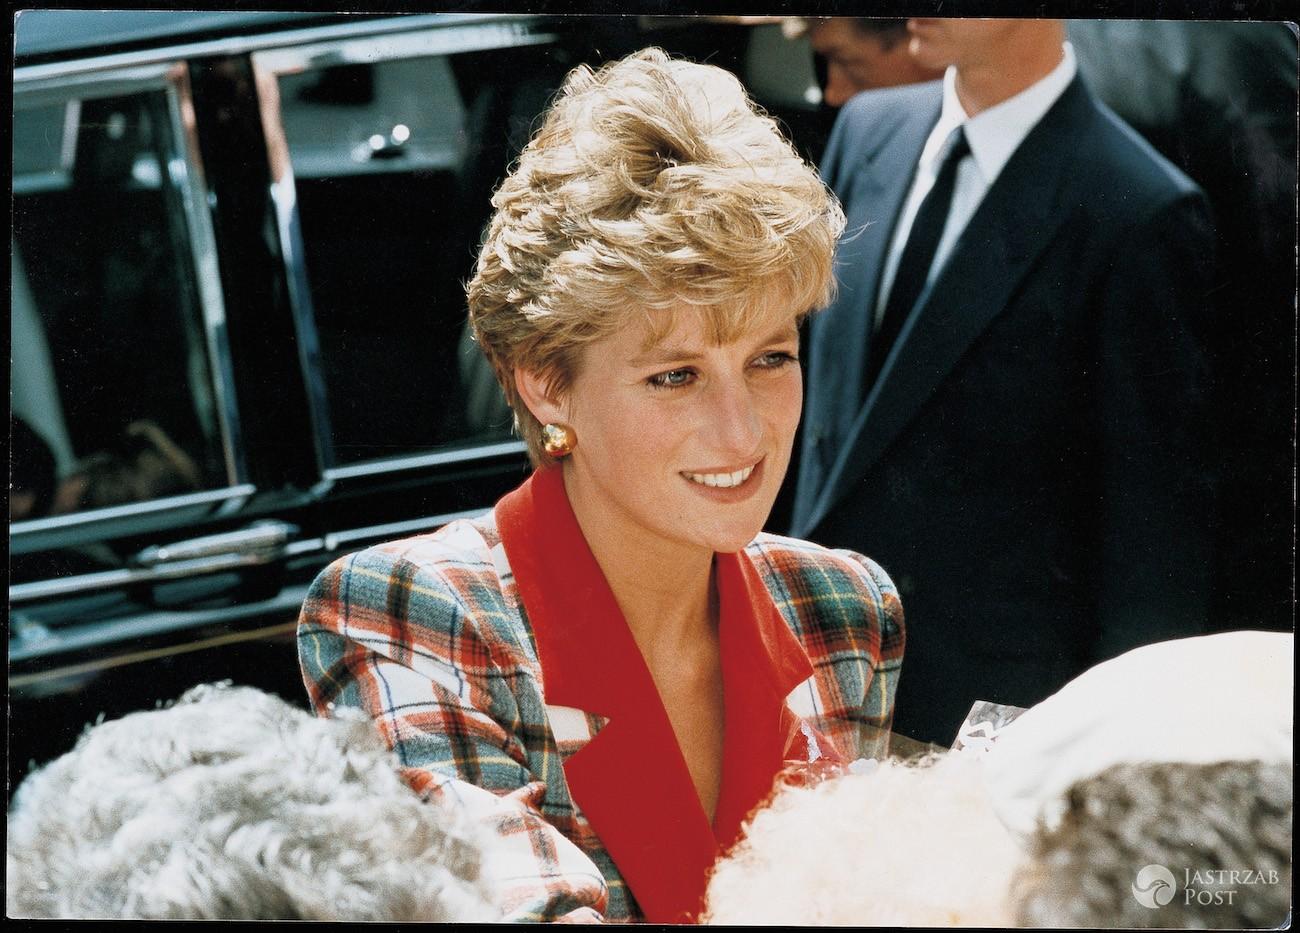 Na co chorowała księżna Diana?